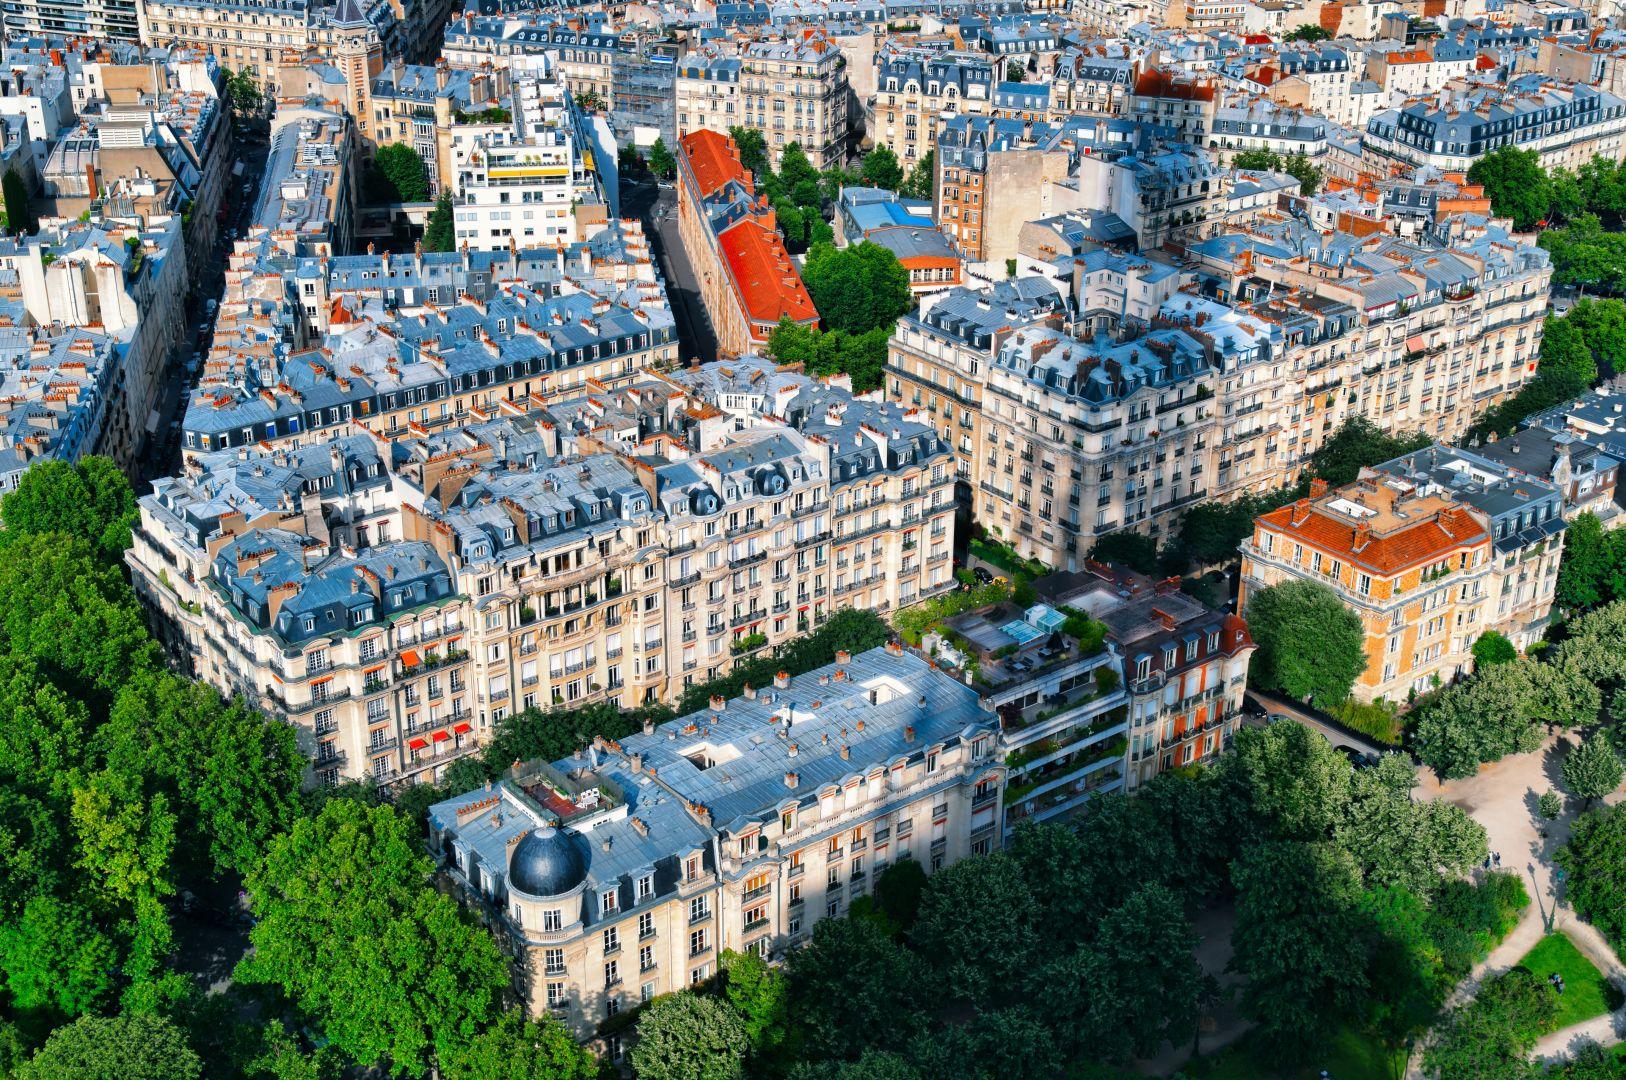 La holding de contrôle d'Altarea Codegim vise une reprise des agences immobilières du groupe  Féau